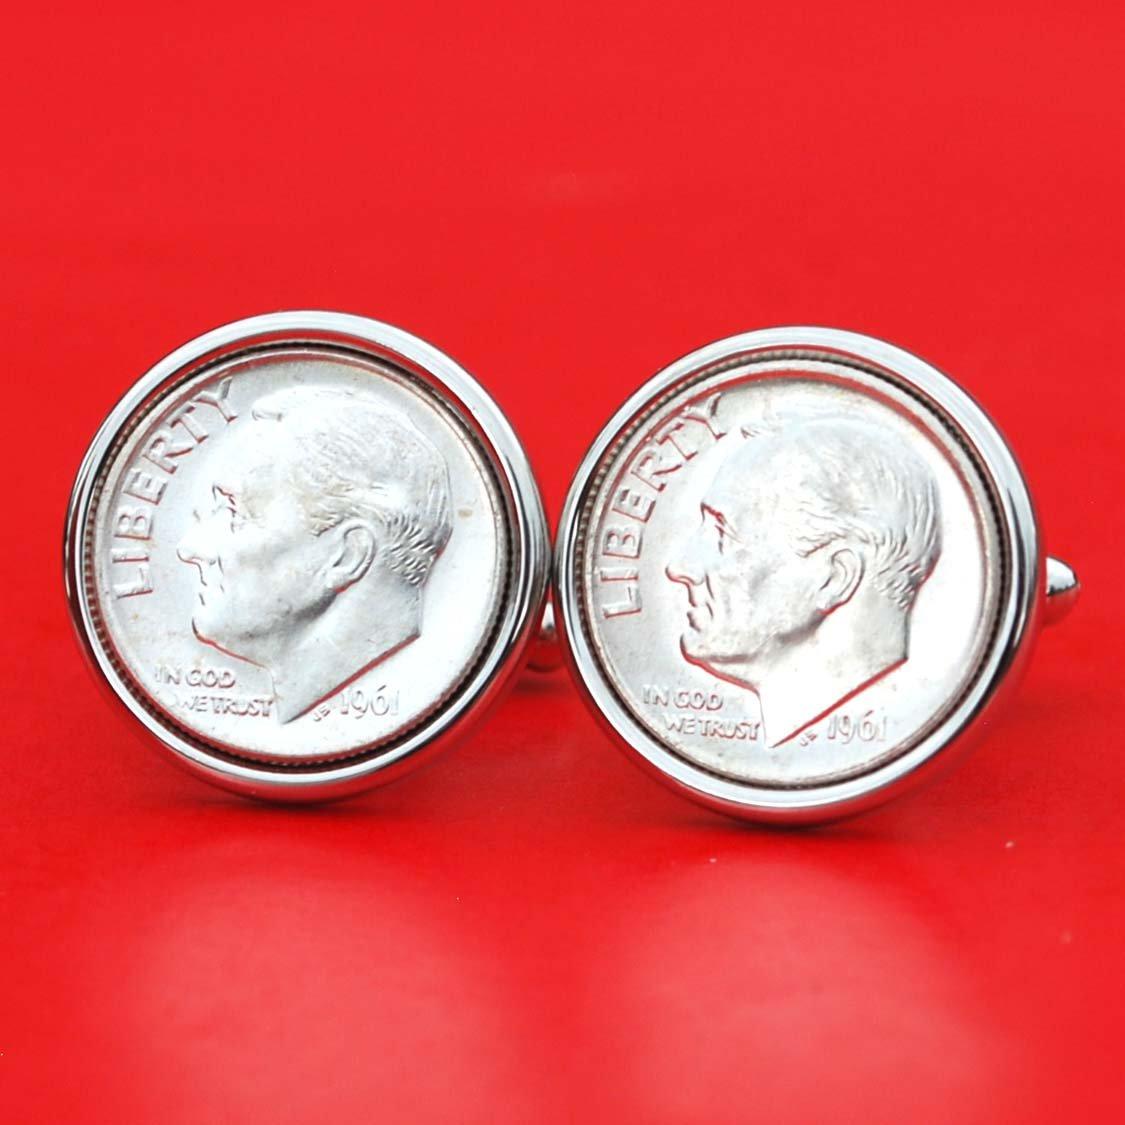 US 1961 Roosevelt Dime Gem BU Uncirculated 90% Silver 10 Cent Coin Cufflinks NEW